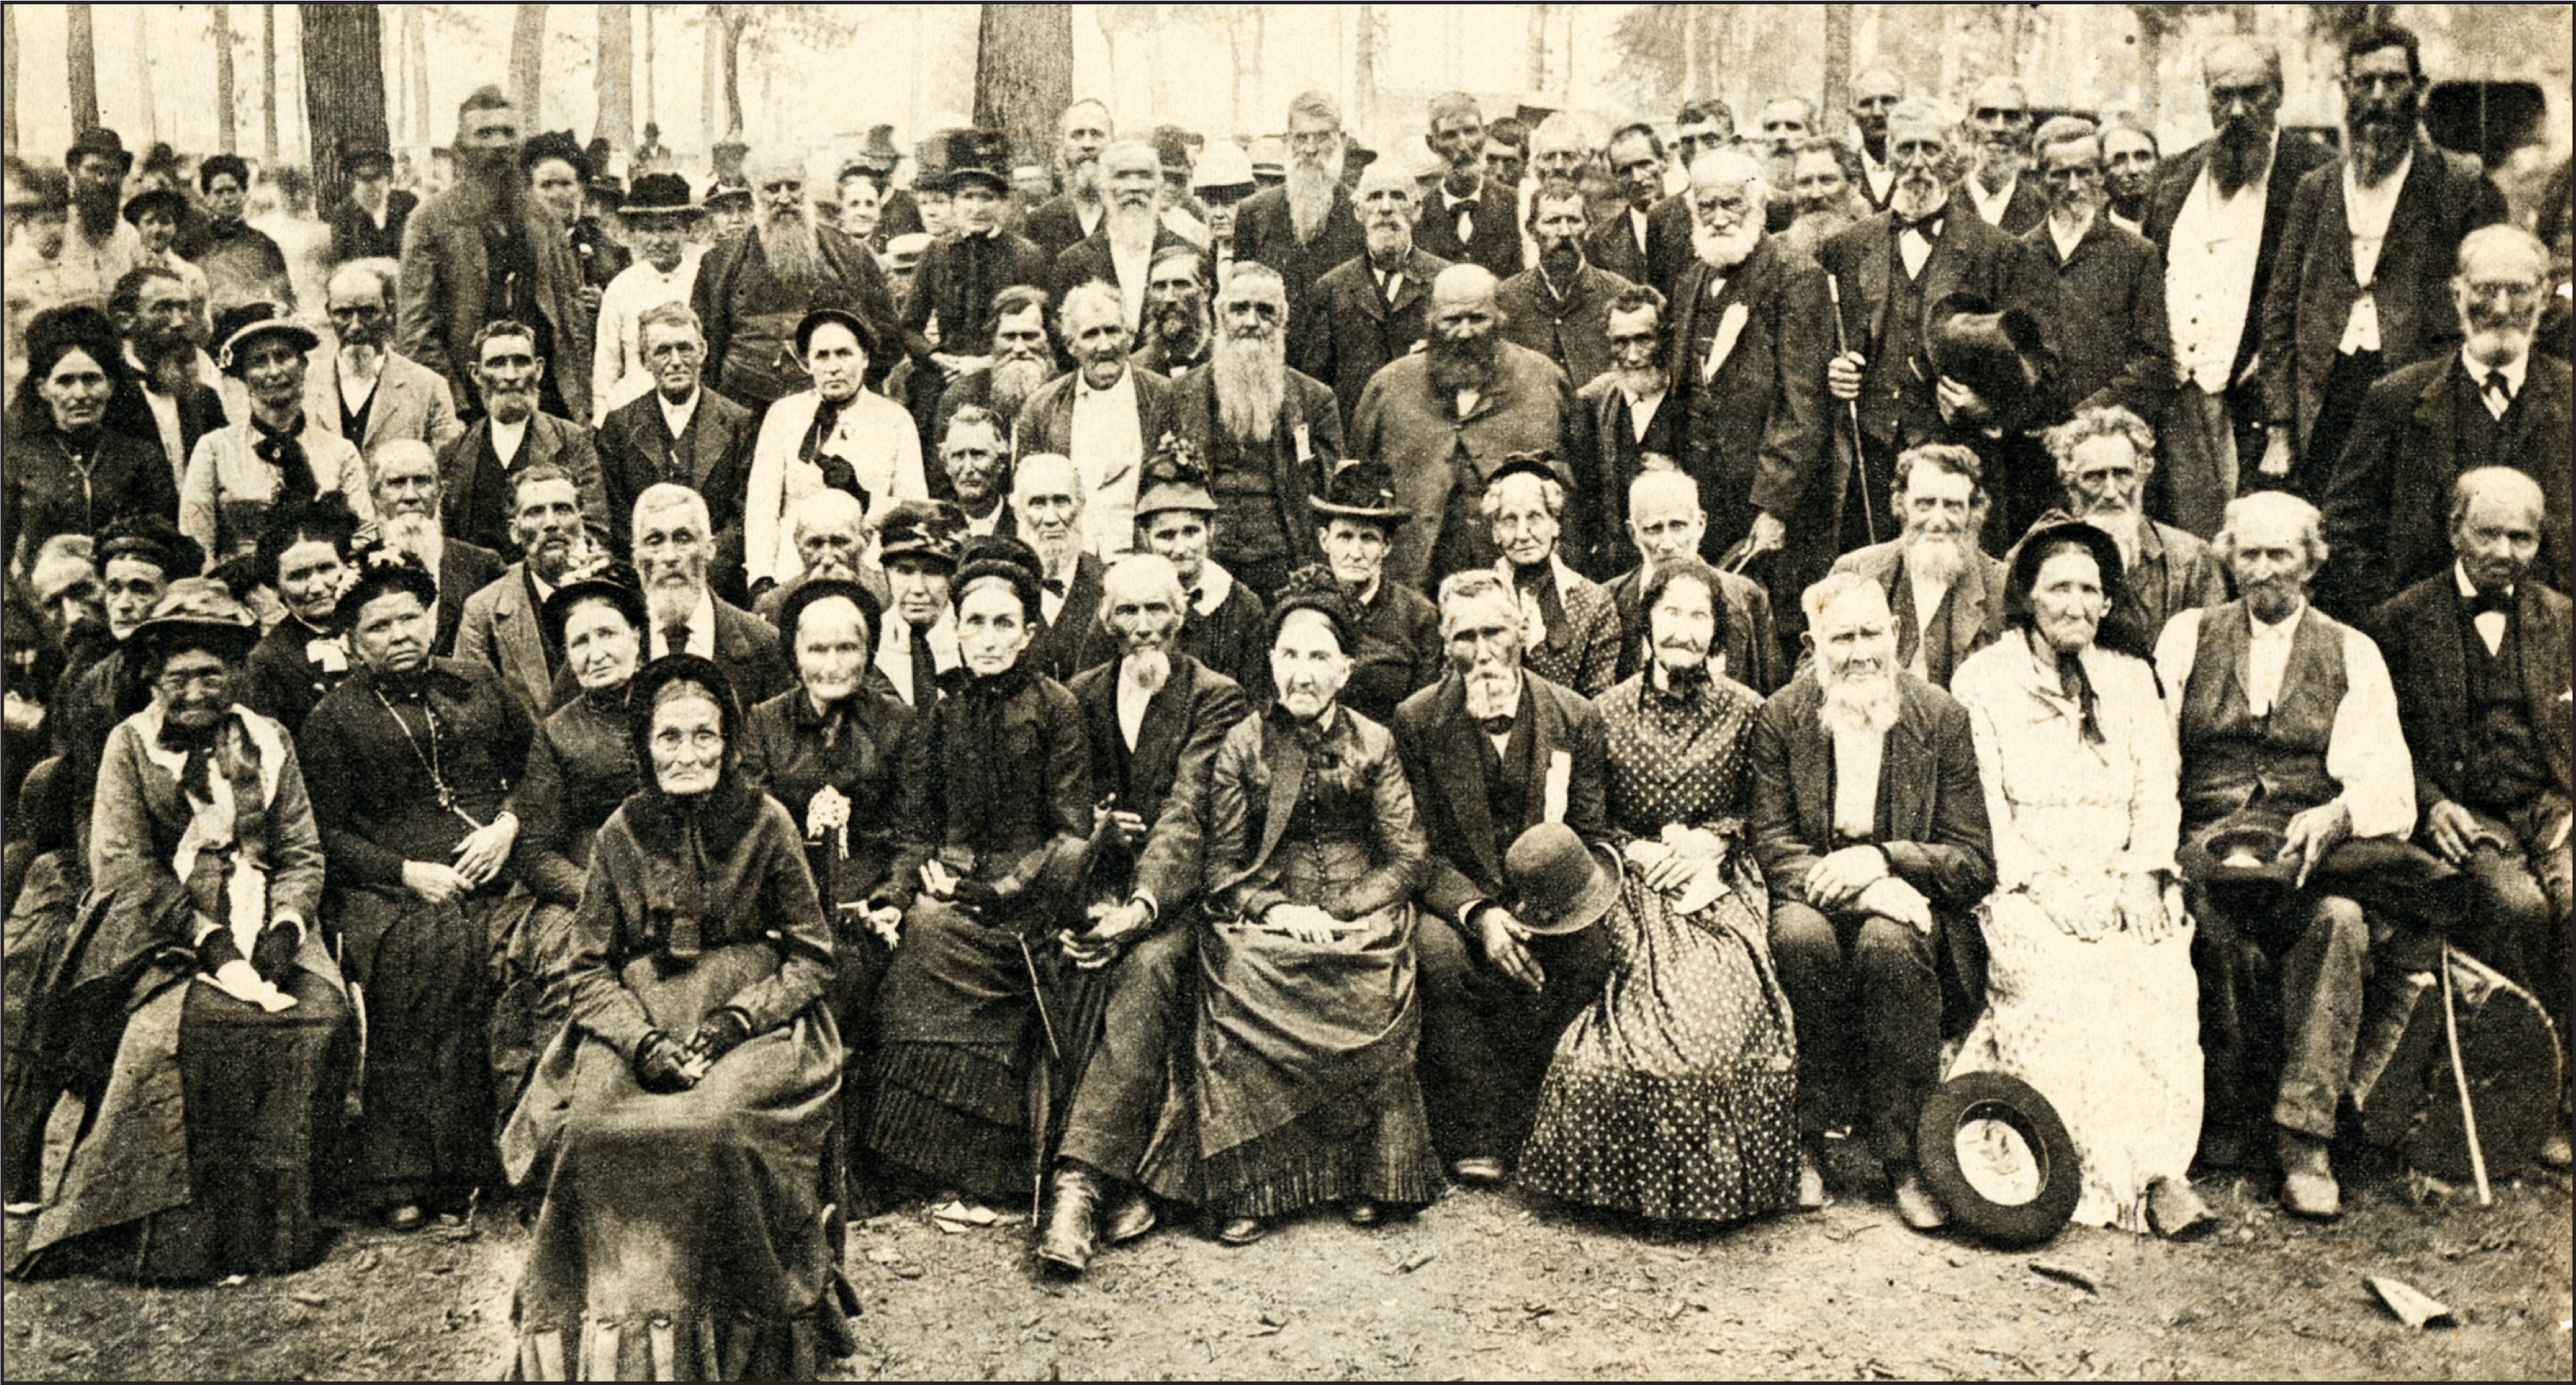 HI Mailbag:  Old Settlers Reunion